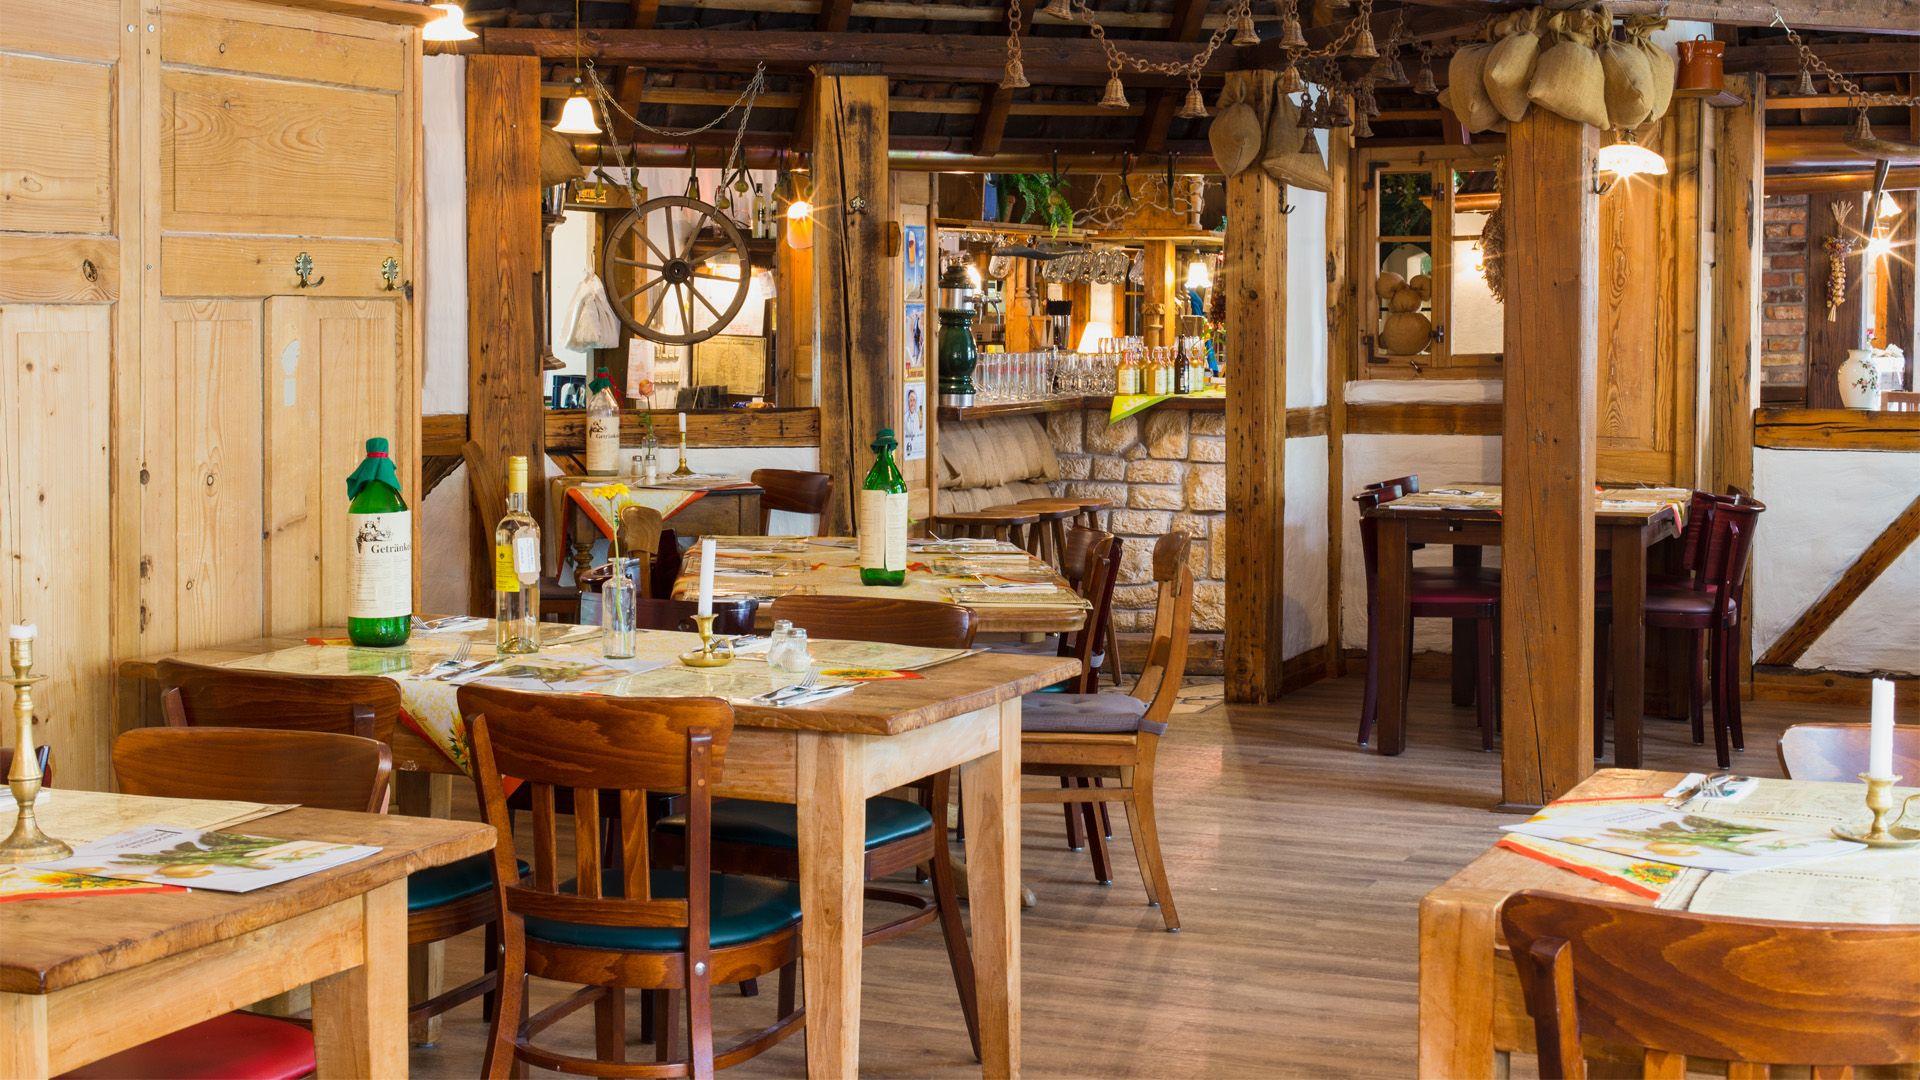 Auf dem Bild ist der Innenraum des Altwernigeröder Kartoffelhauses, dem gutbürgerlichen Restaurant in Wernigerode, zu sehen. Die Einrichtung ist im rustikalen Holzstil gehalten.